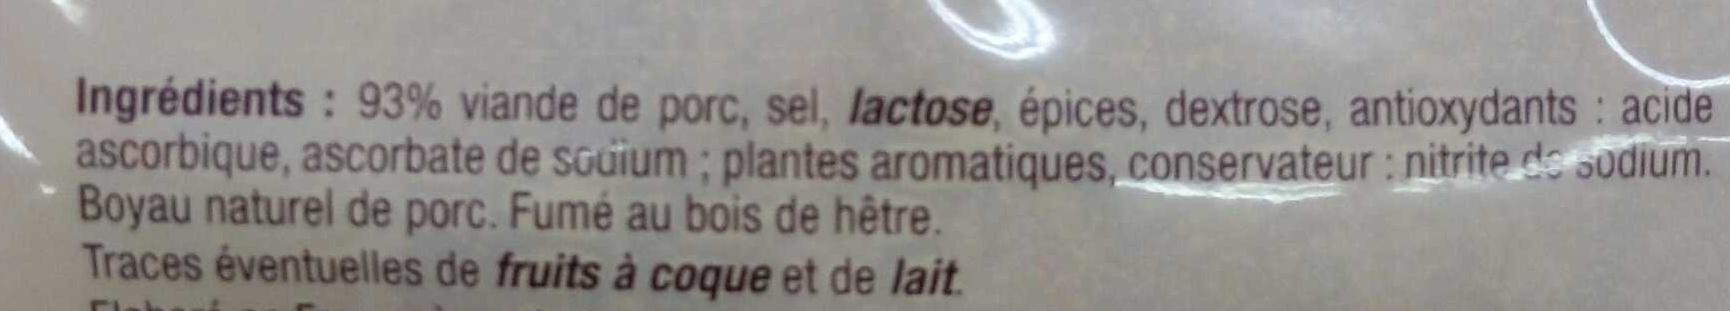 Diots de Savoie fumés - Ingrédients - fr